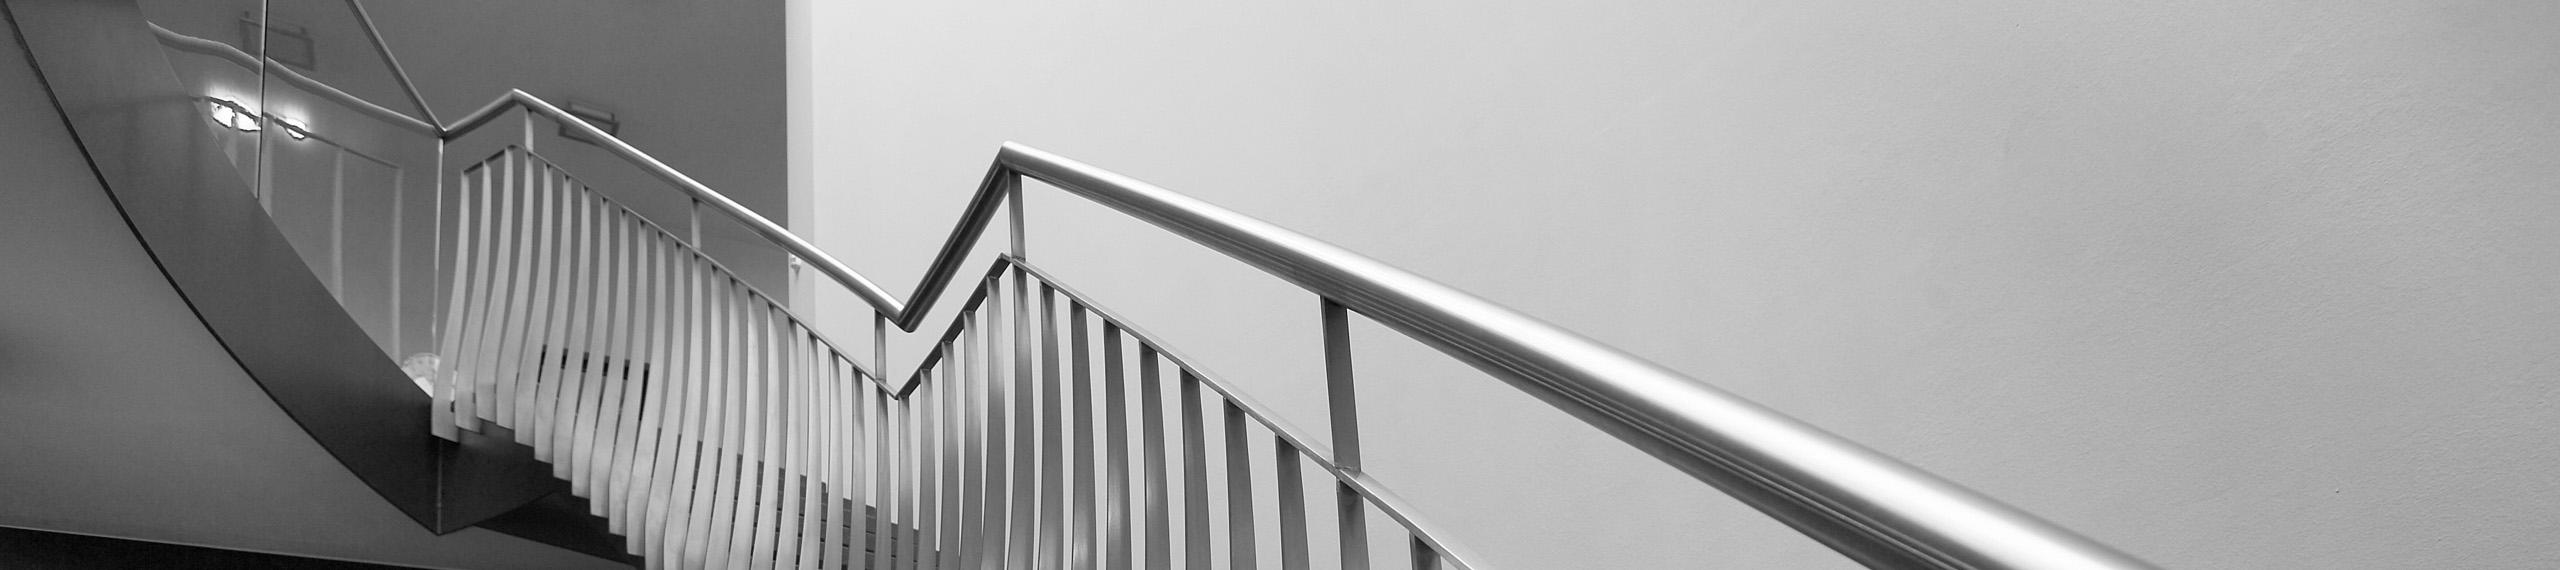 Geländer, Treppen, Nurglaskonstruktionen